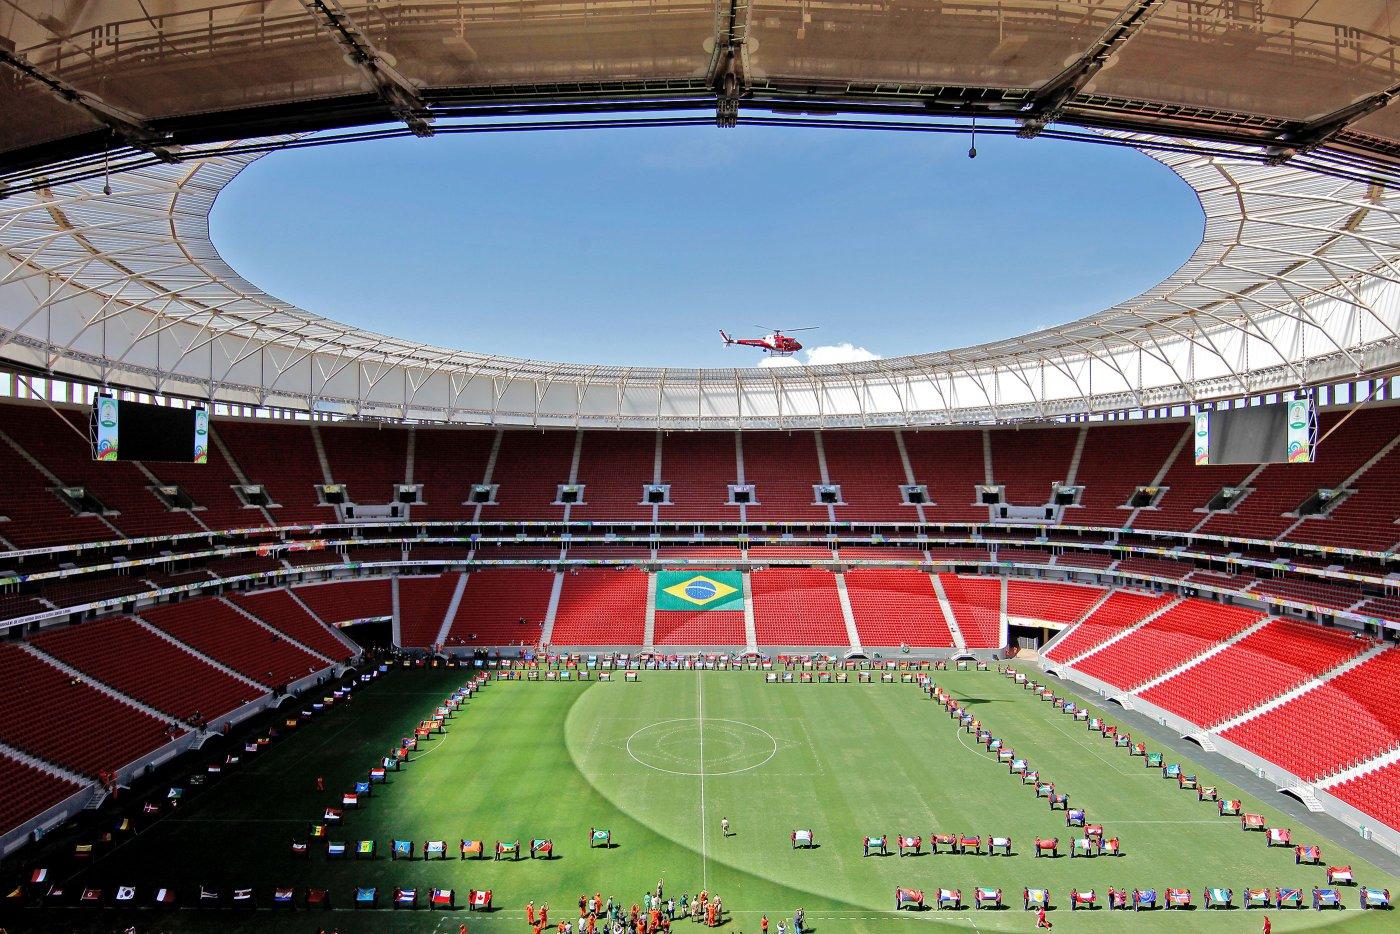 Entra en las instalaciones de las olimpiadas de Río con Google Maps